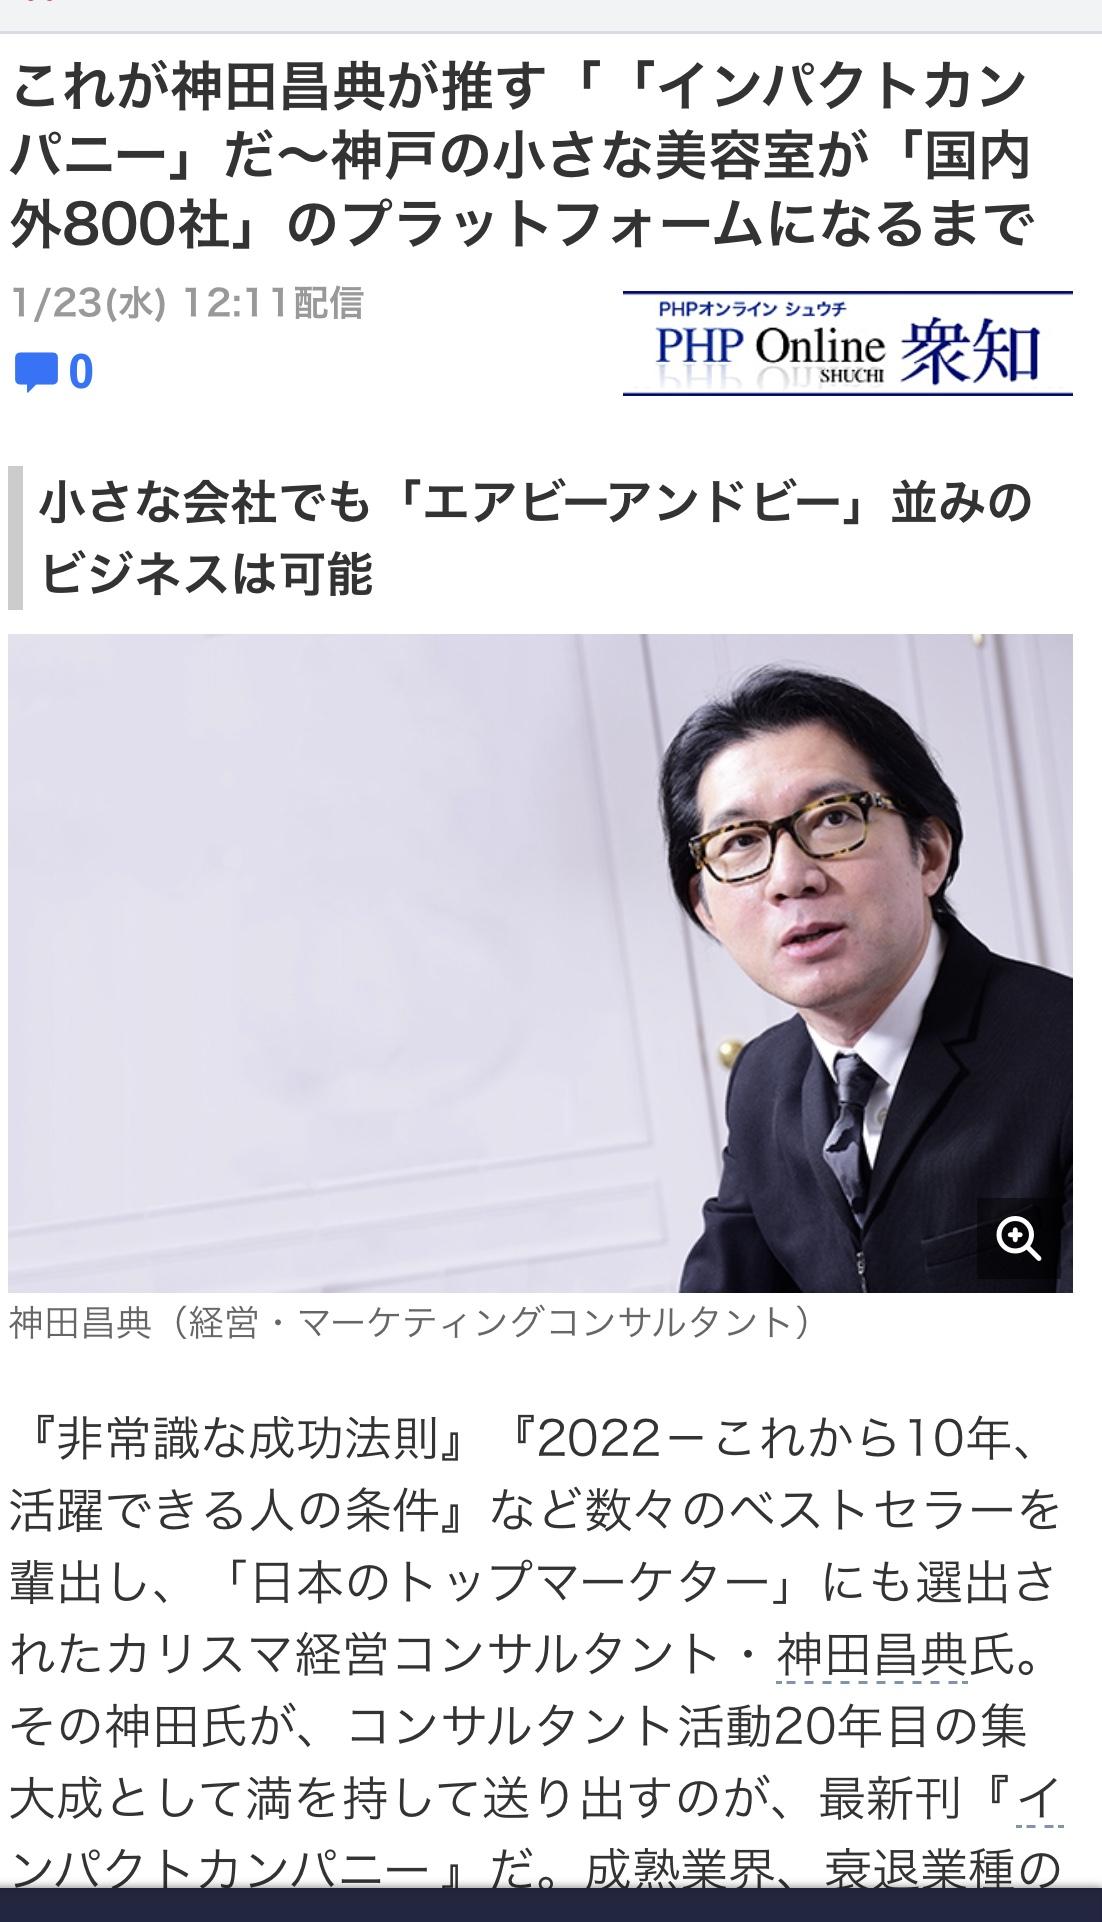 神田昌典 TICK-TOCK ステップボーンカット 小顔補正立体カット SBCPプロダクト